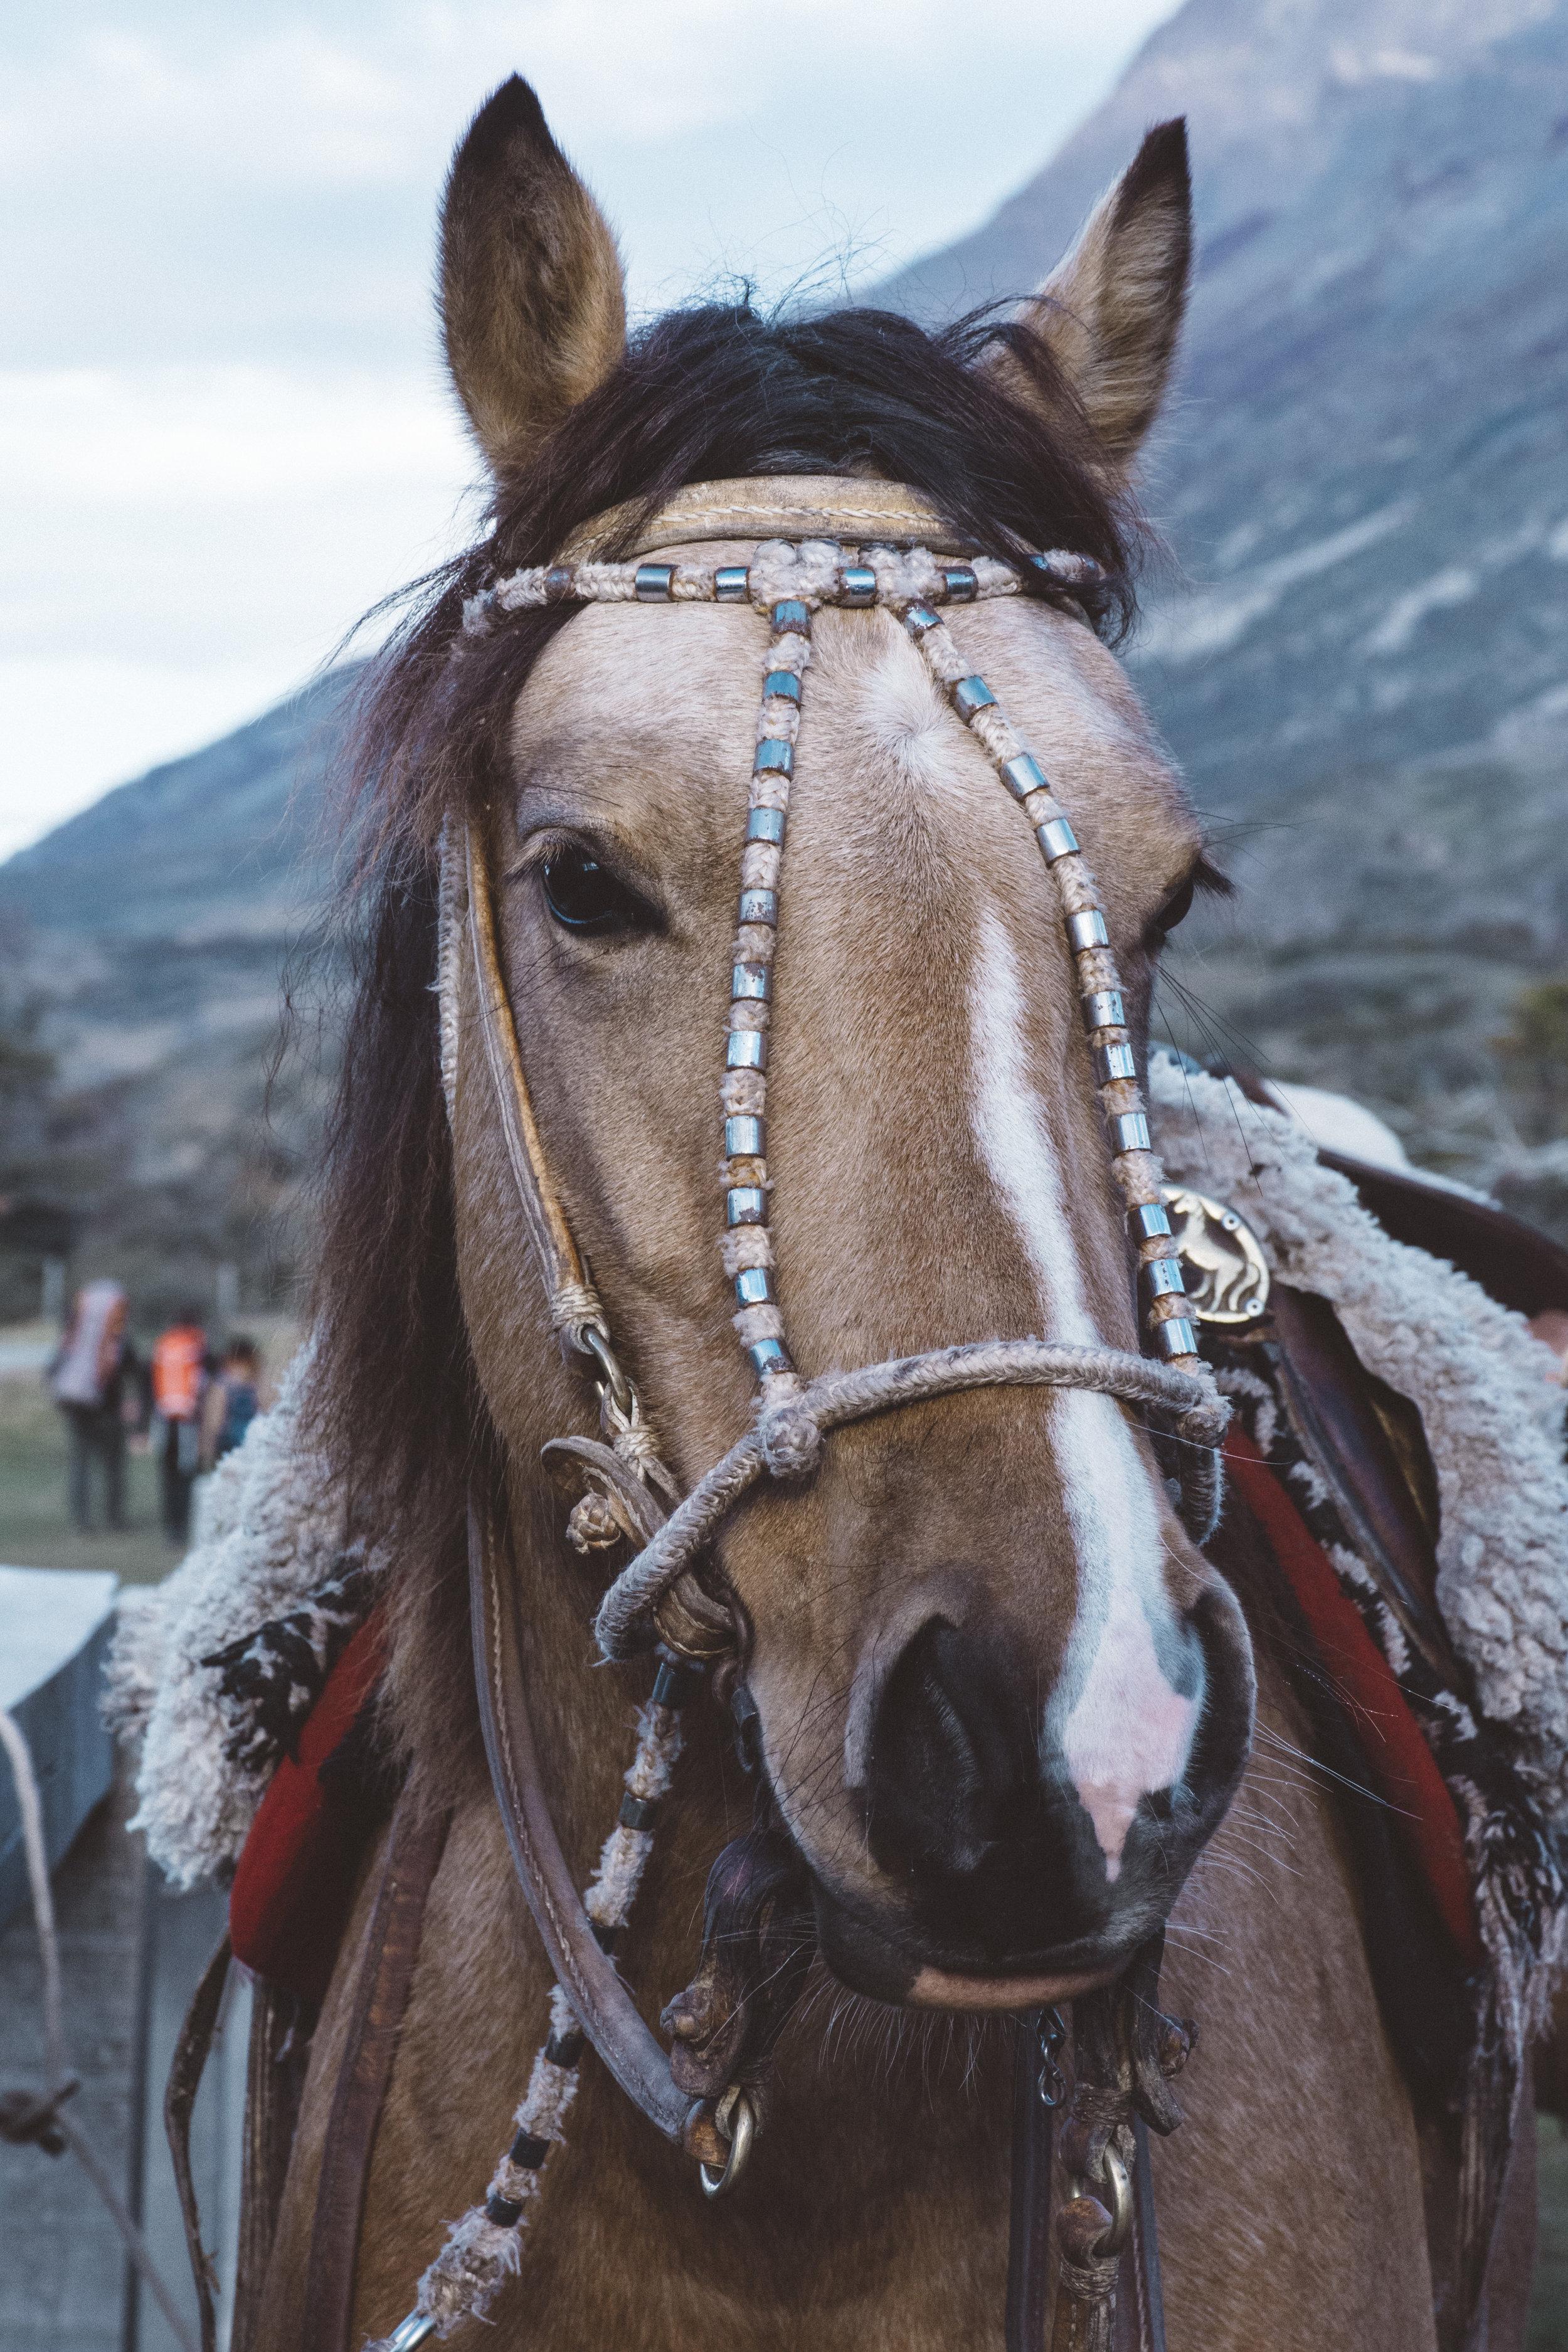 Juan's lovely horse